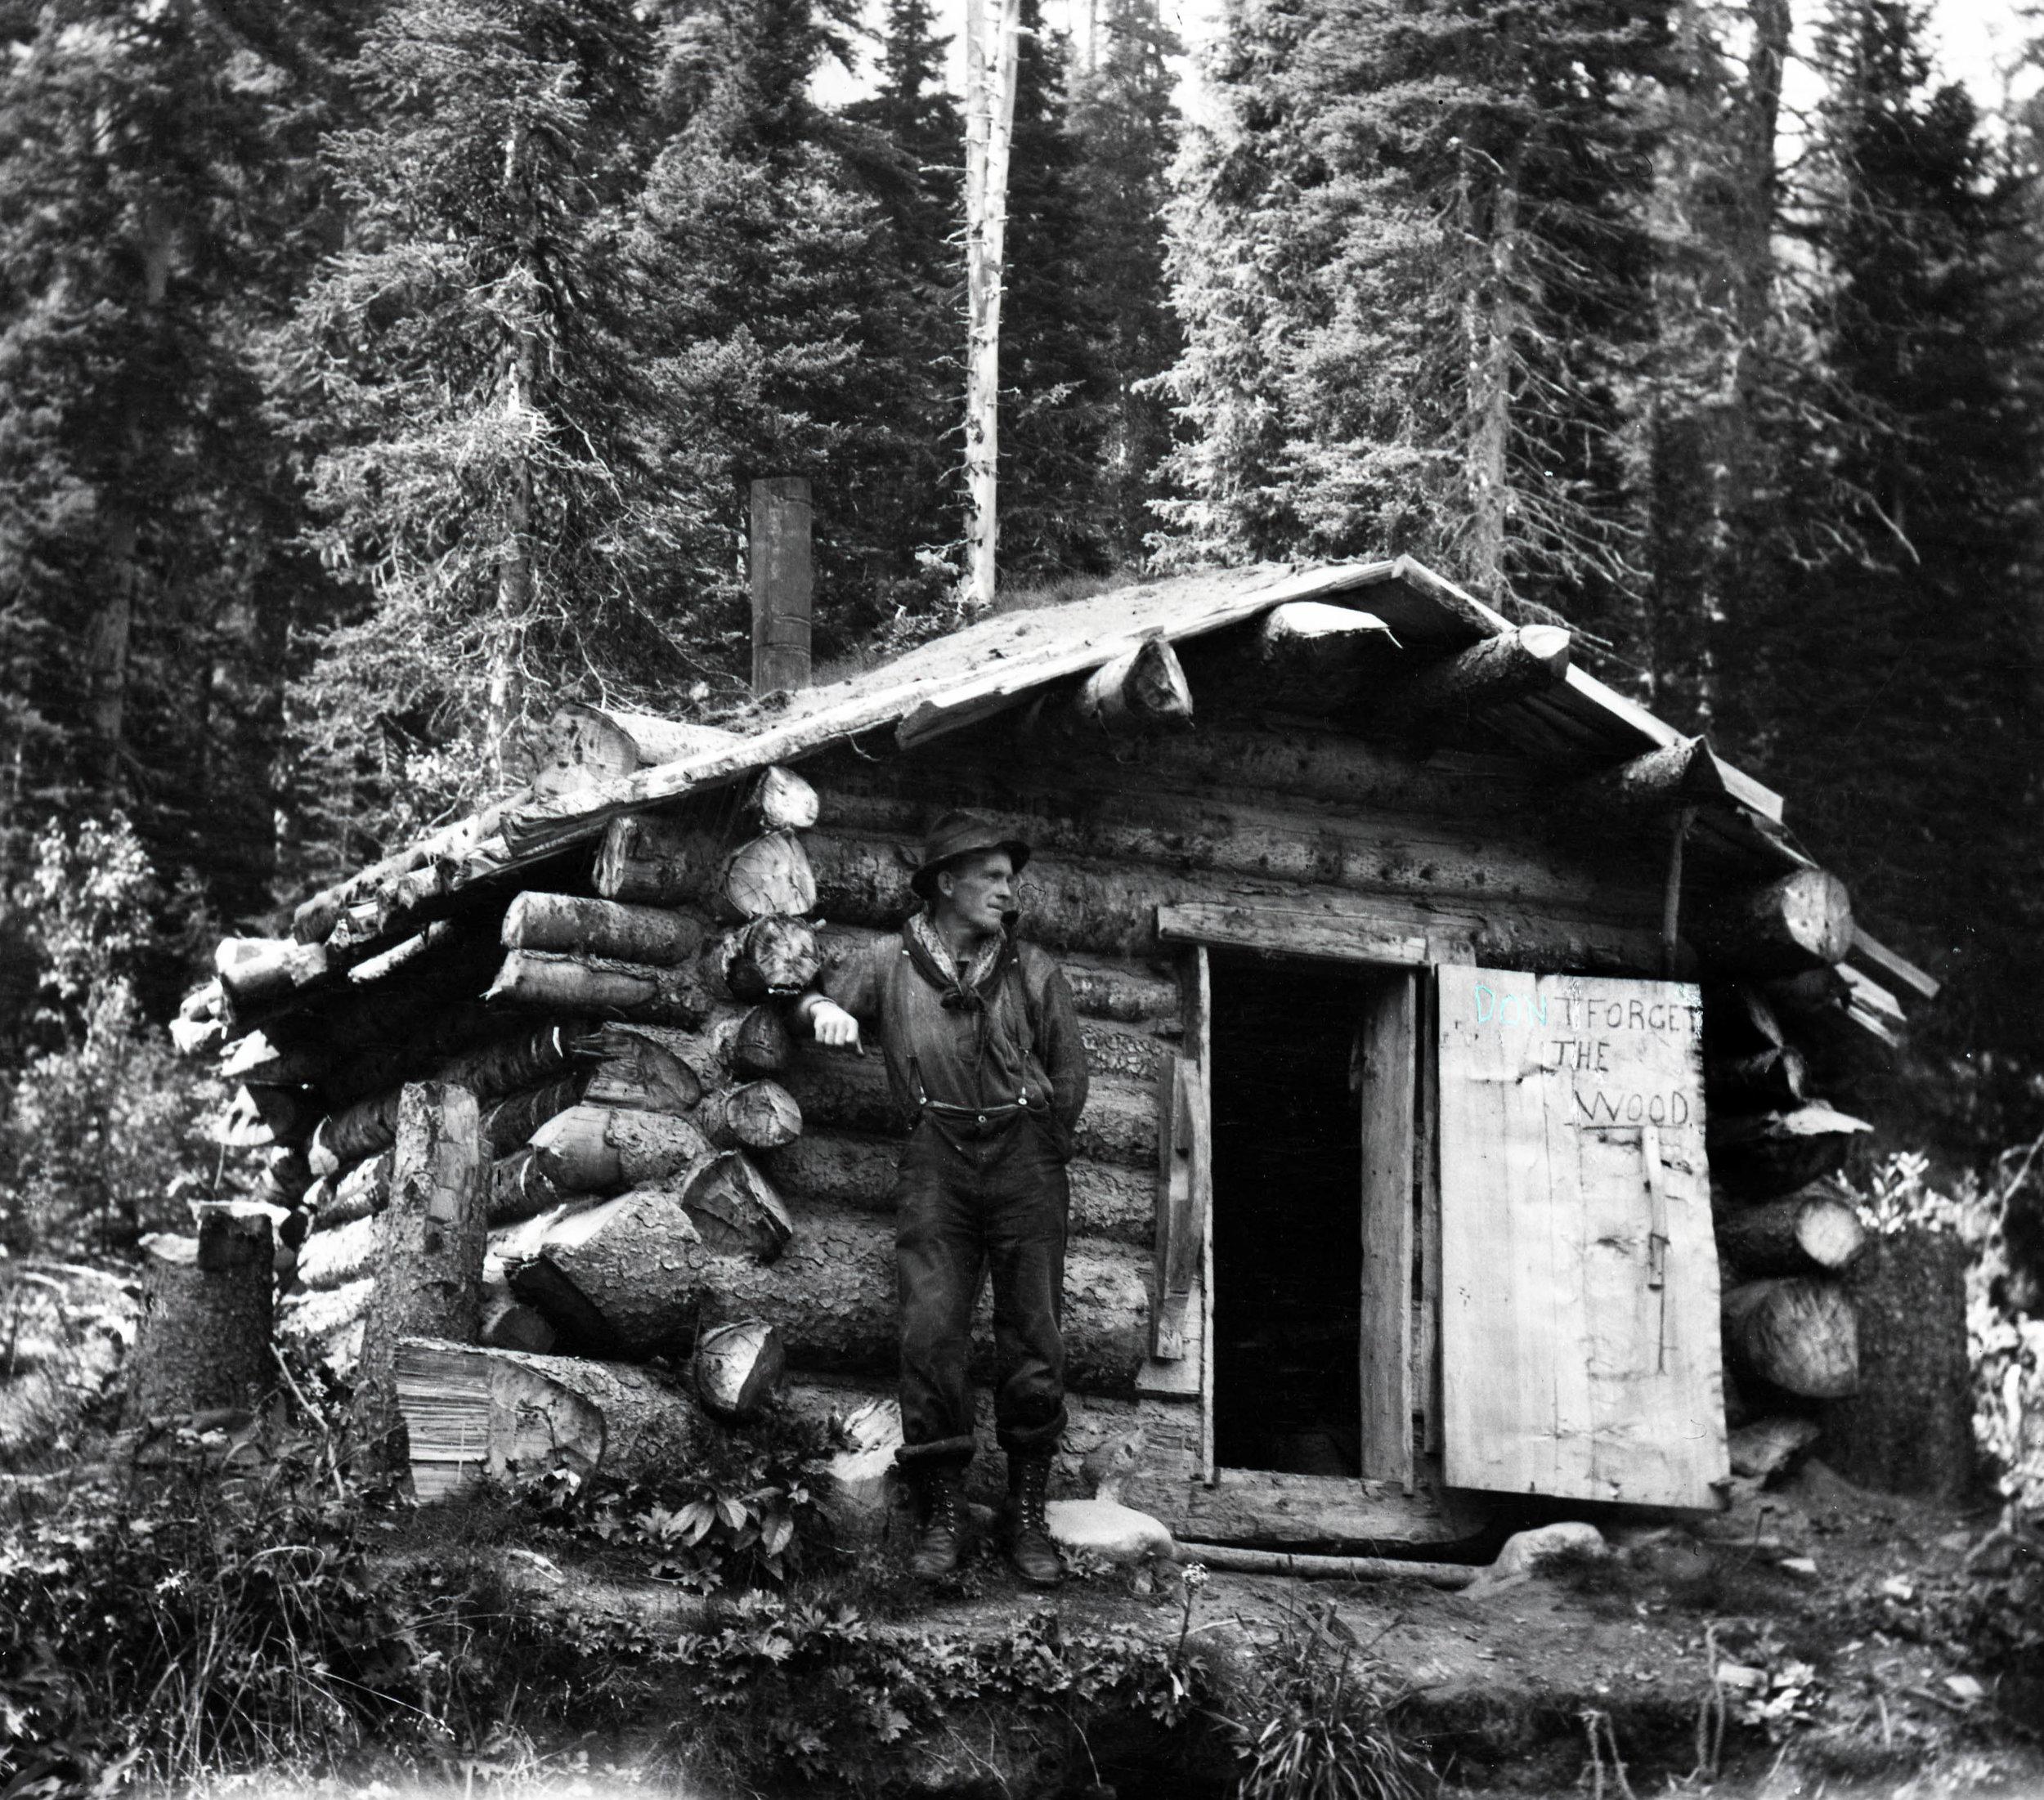 A trapper's cabin